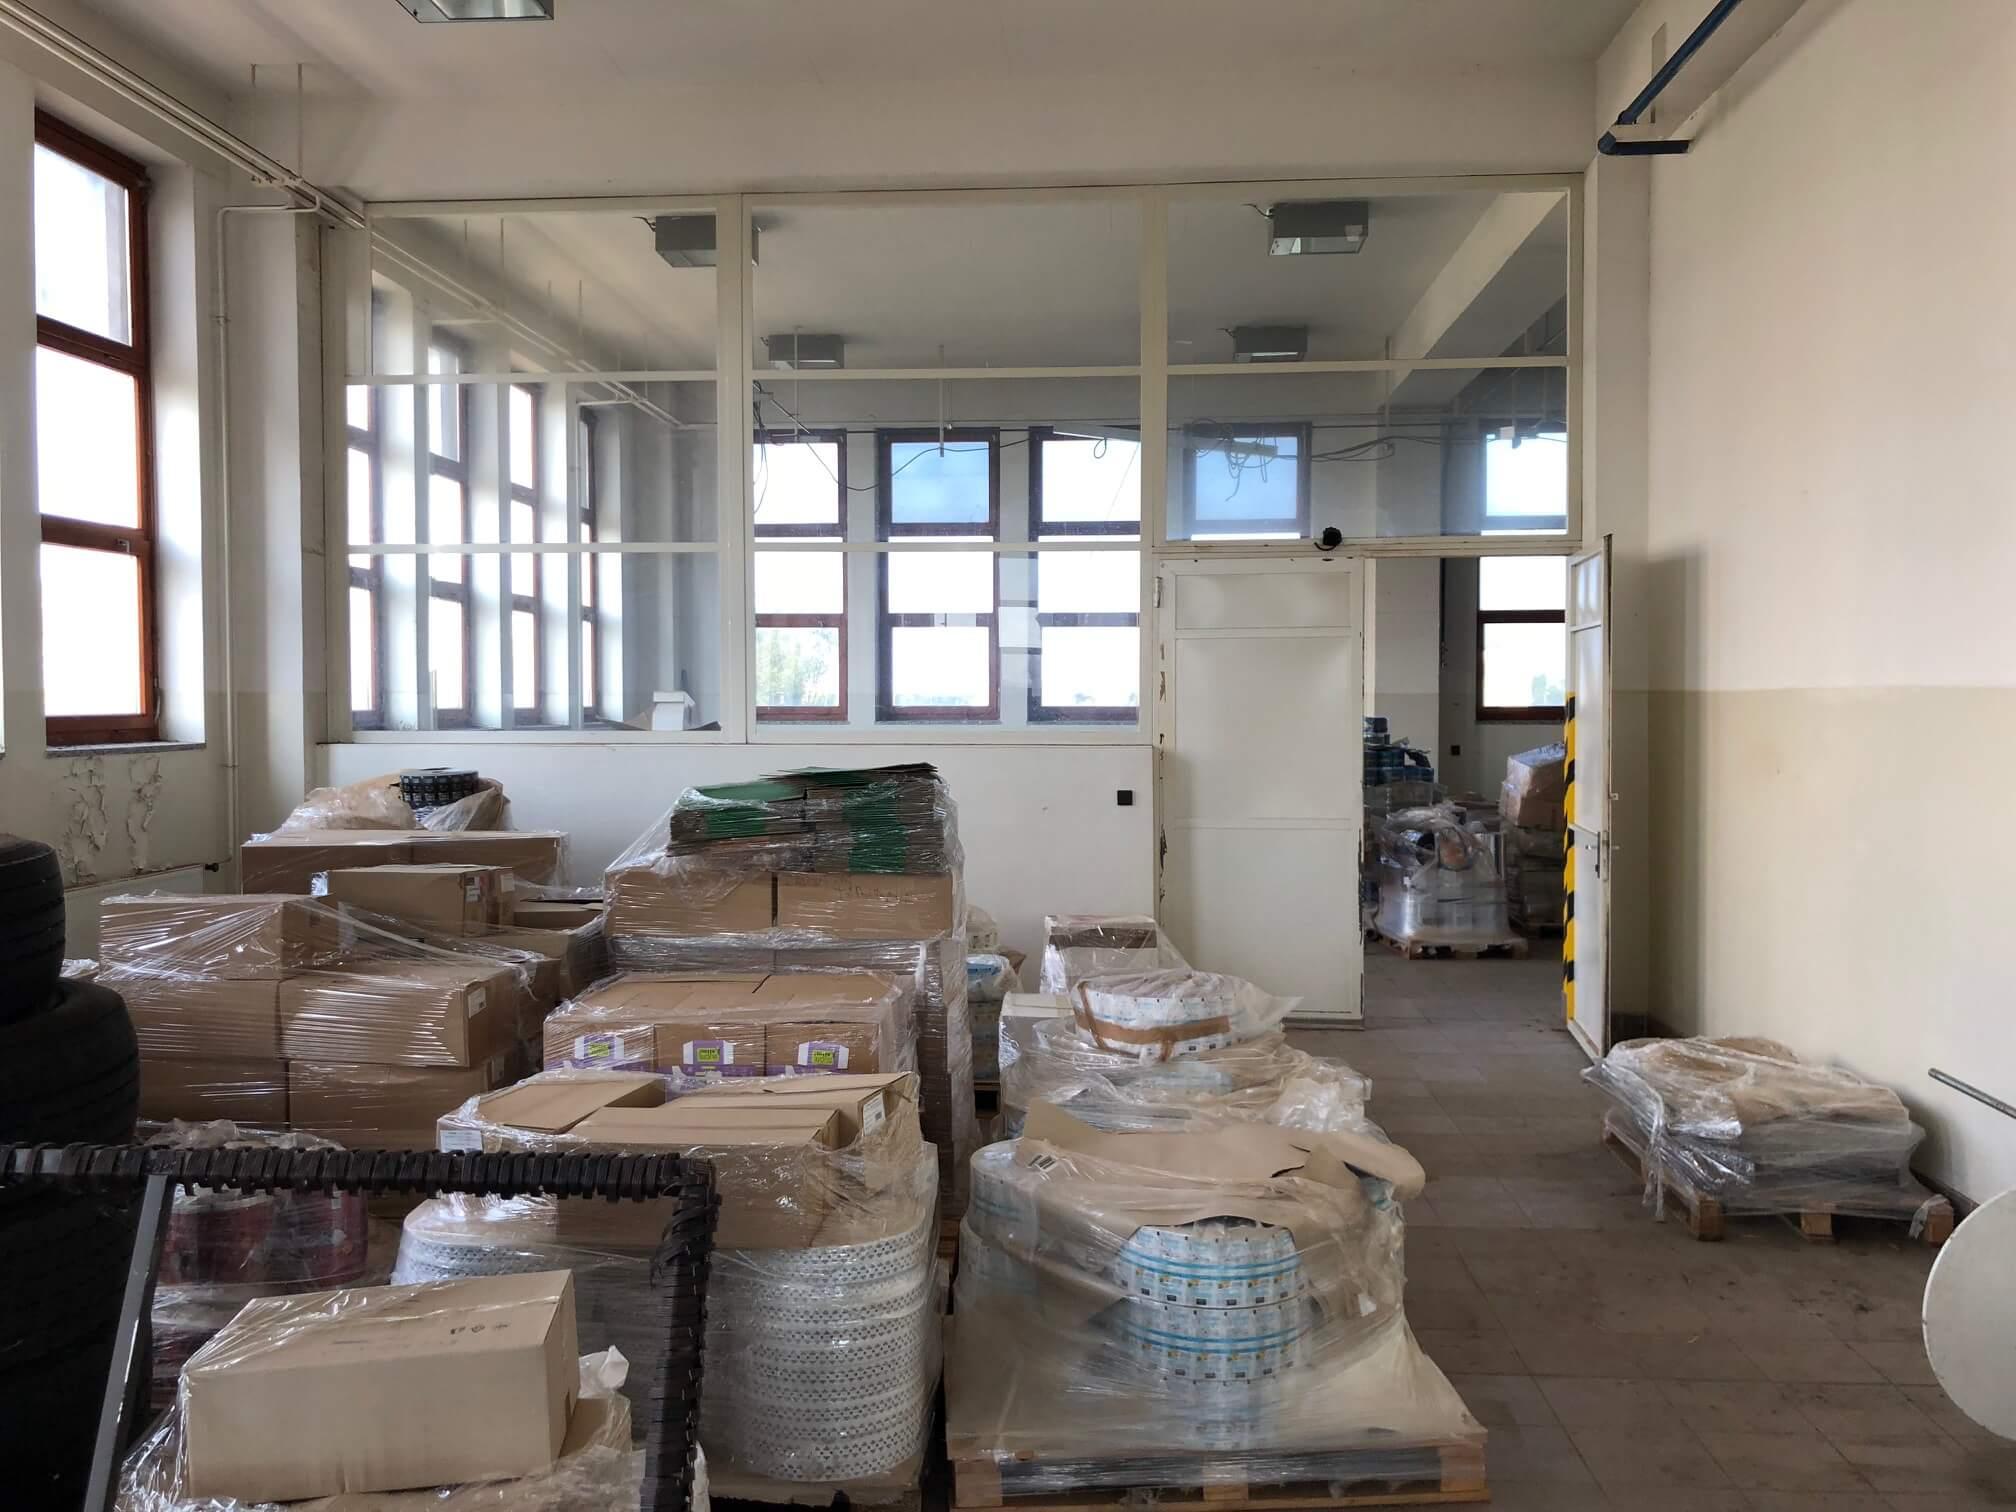 Na prenájom Budova skladov a výrobne v Dunajskej Strede, Drevárska, pozemok 2272m2, spolu 4 podlažia 4767m2-8